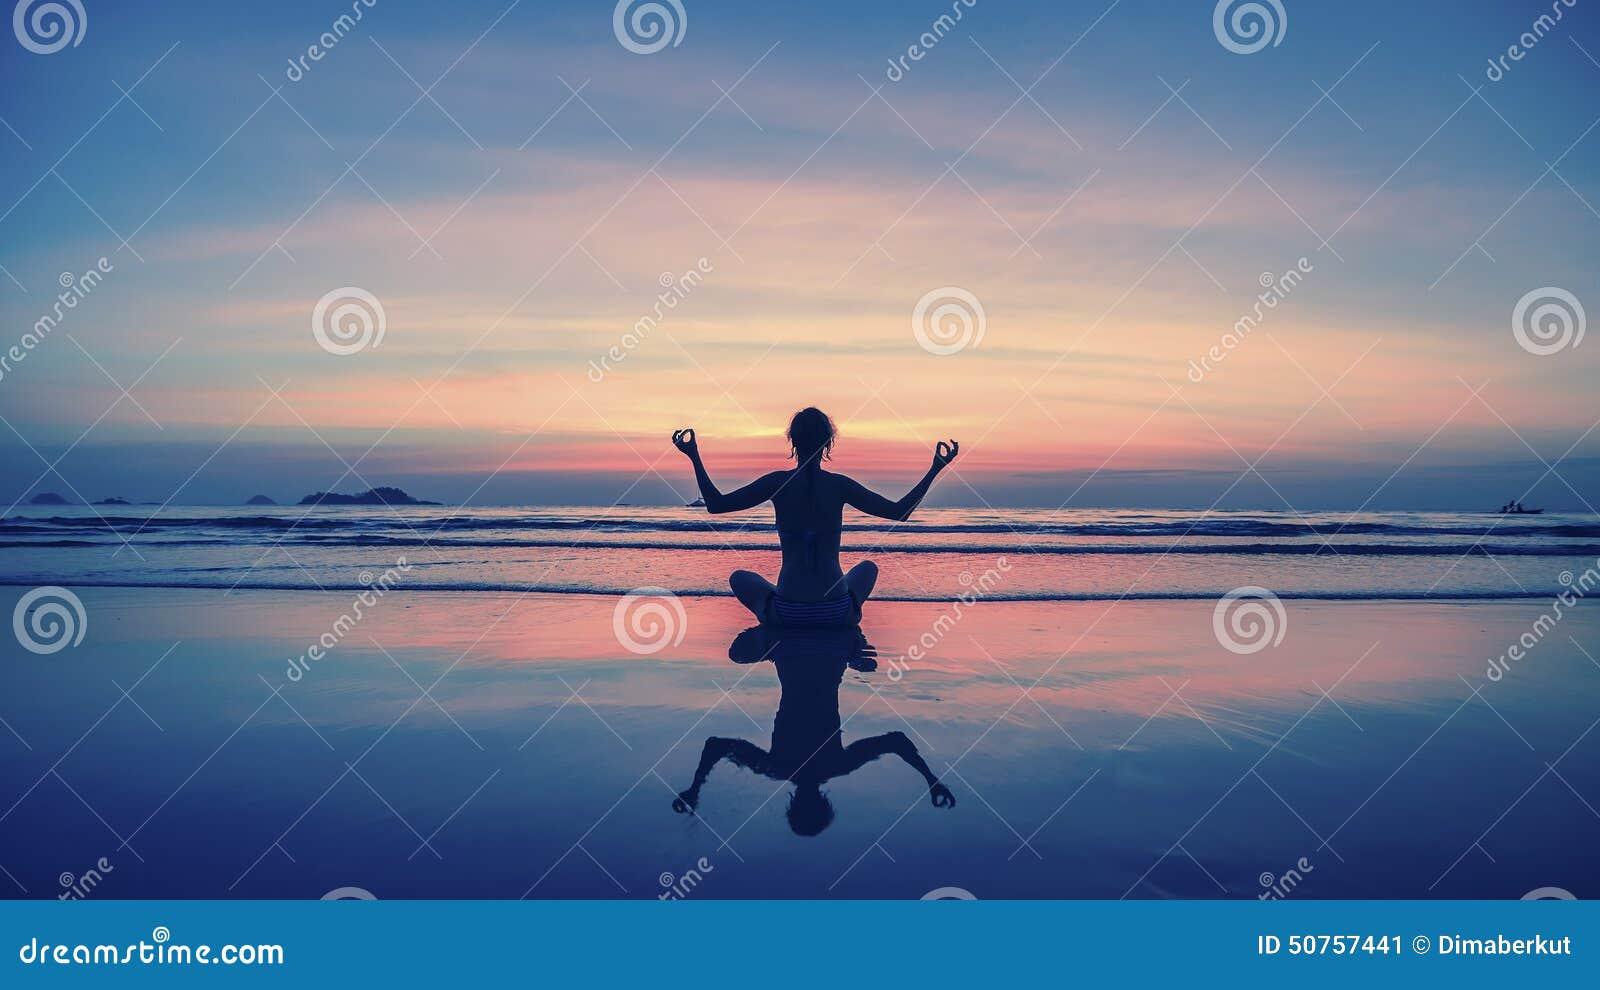 Yoga kondition, sund livsstil Konturmeditationflicka på bakgrunden av det bedöva havet och solnedgången